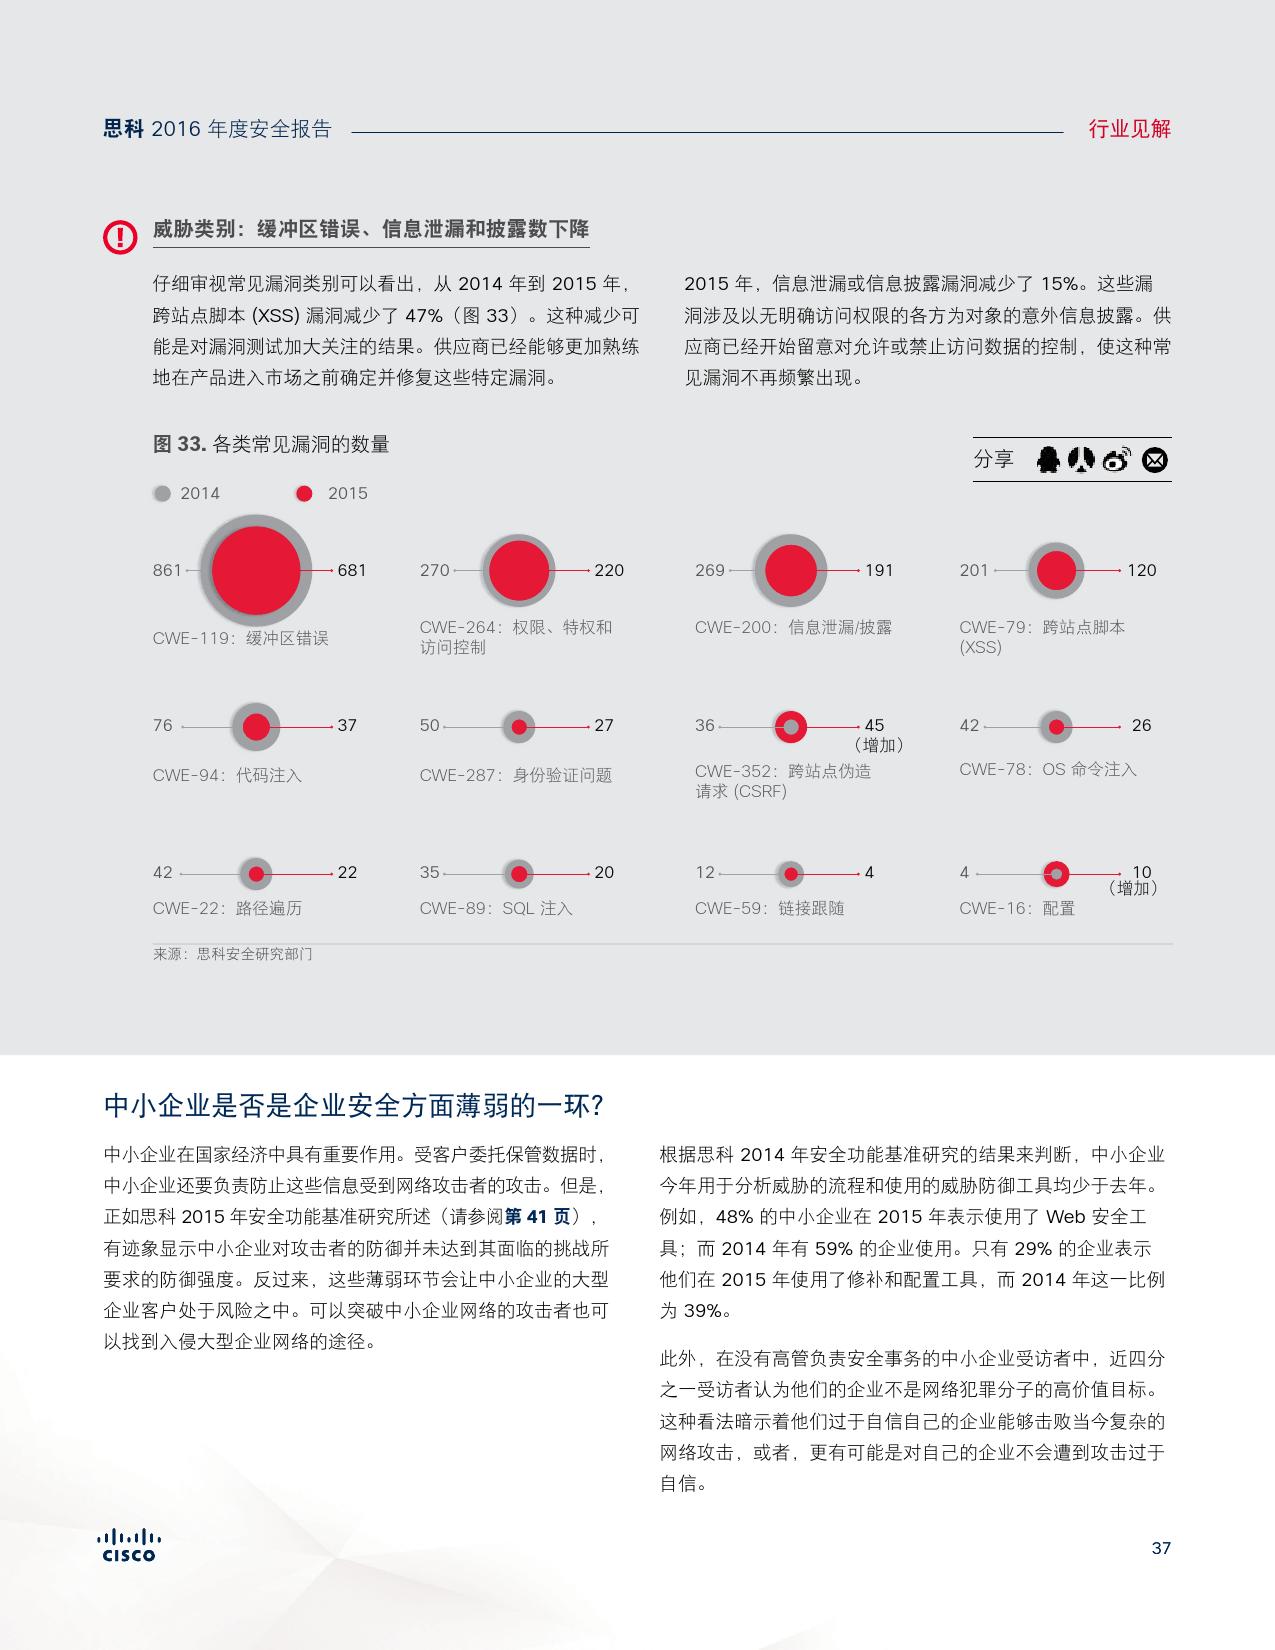 2016年中网络安全报告_000037